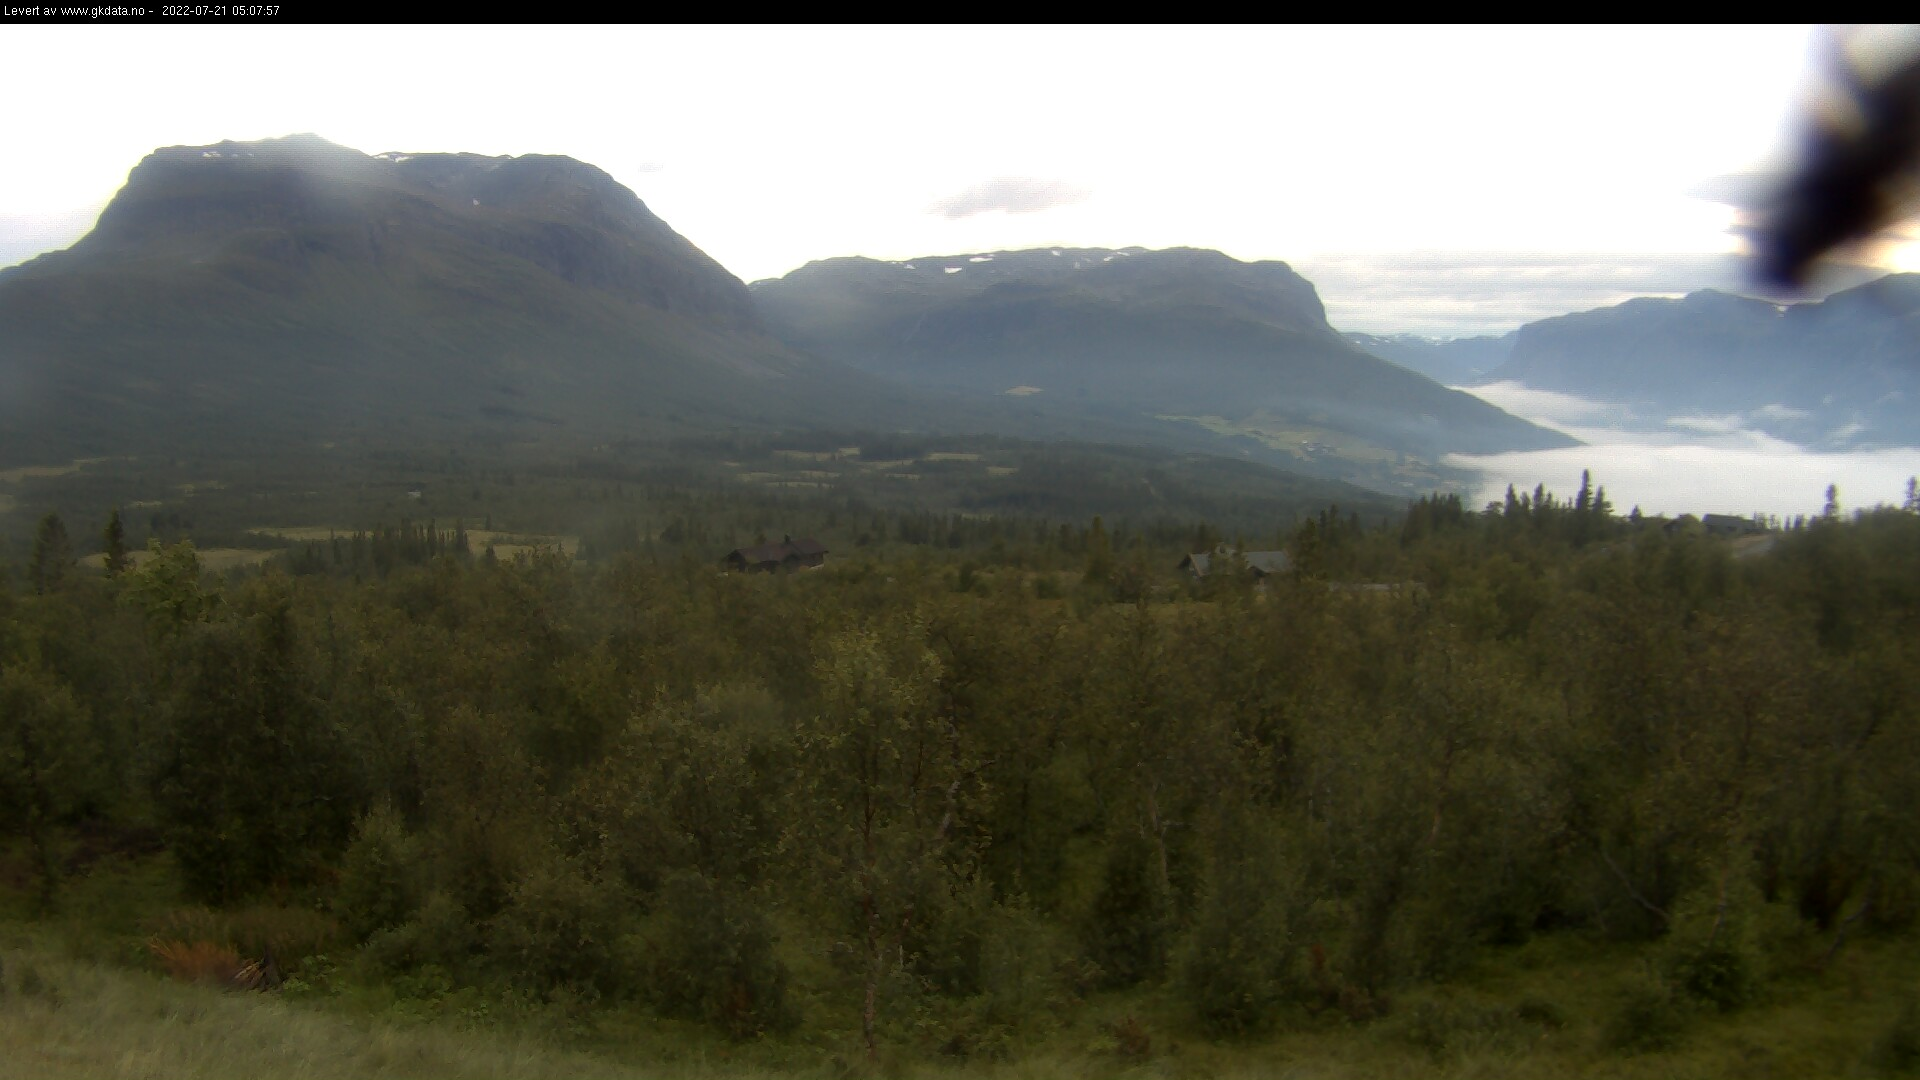 Webkamera i Vang - Grindafjell